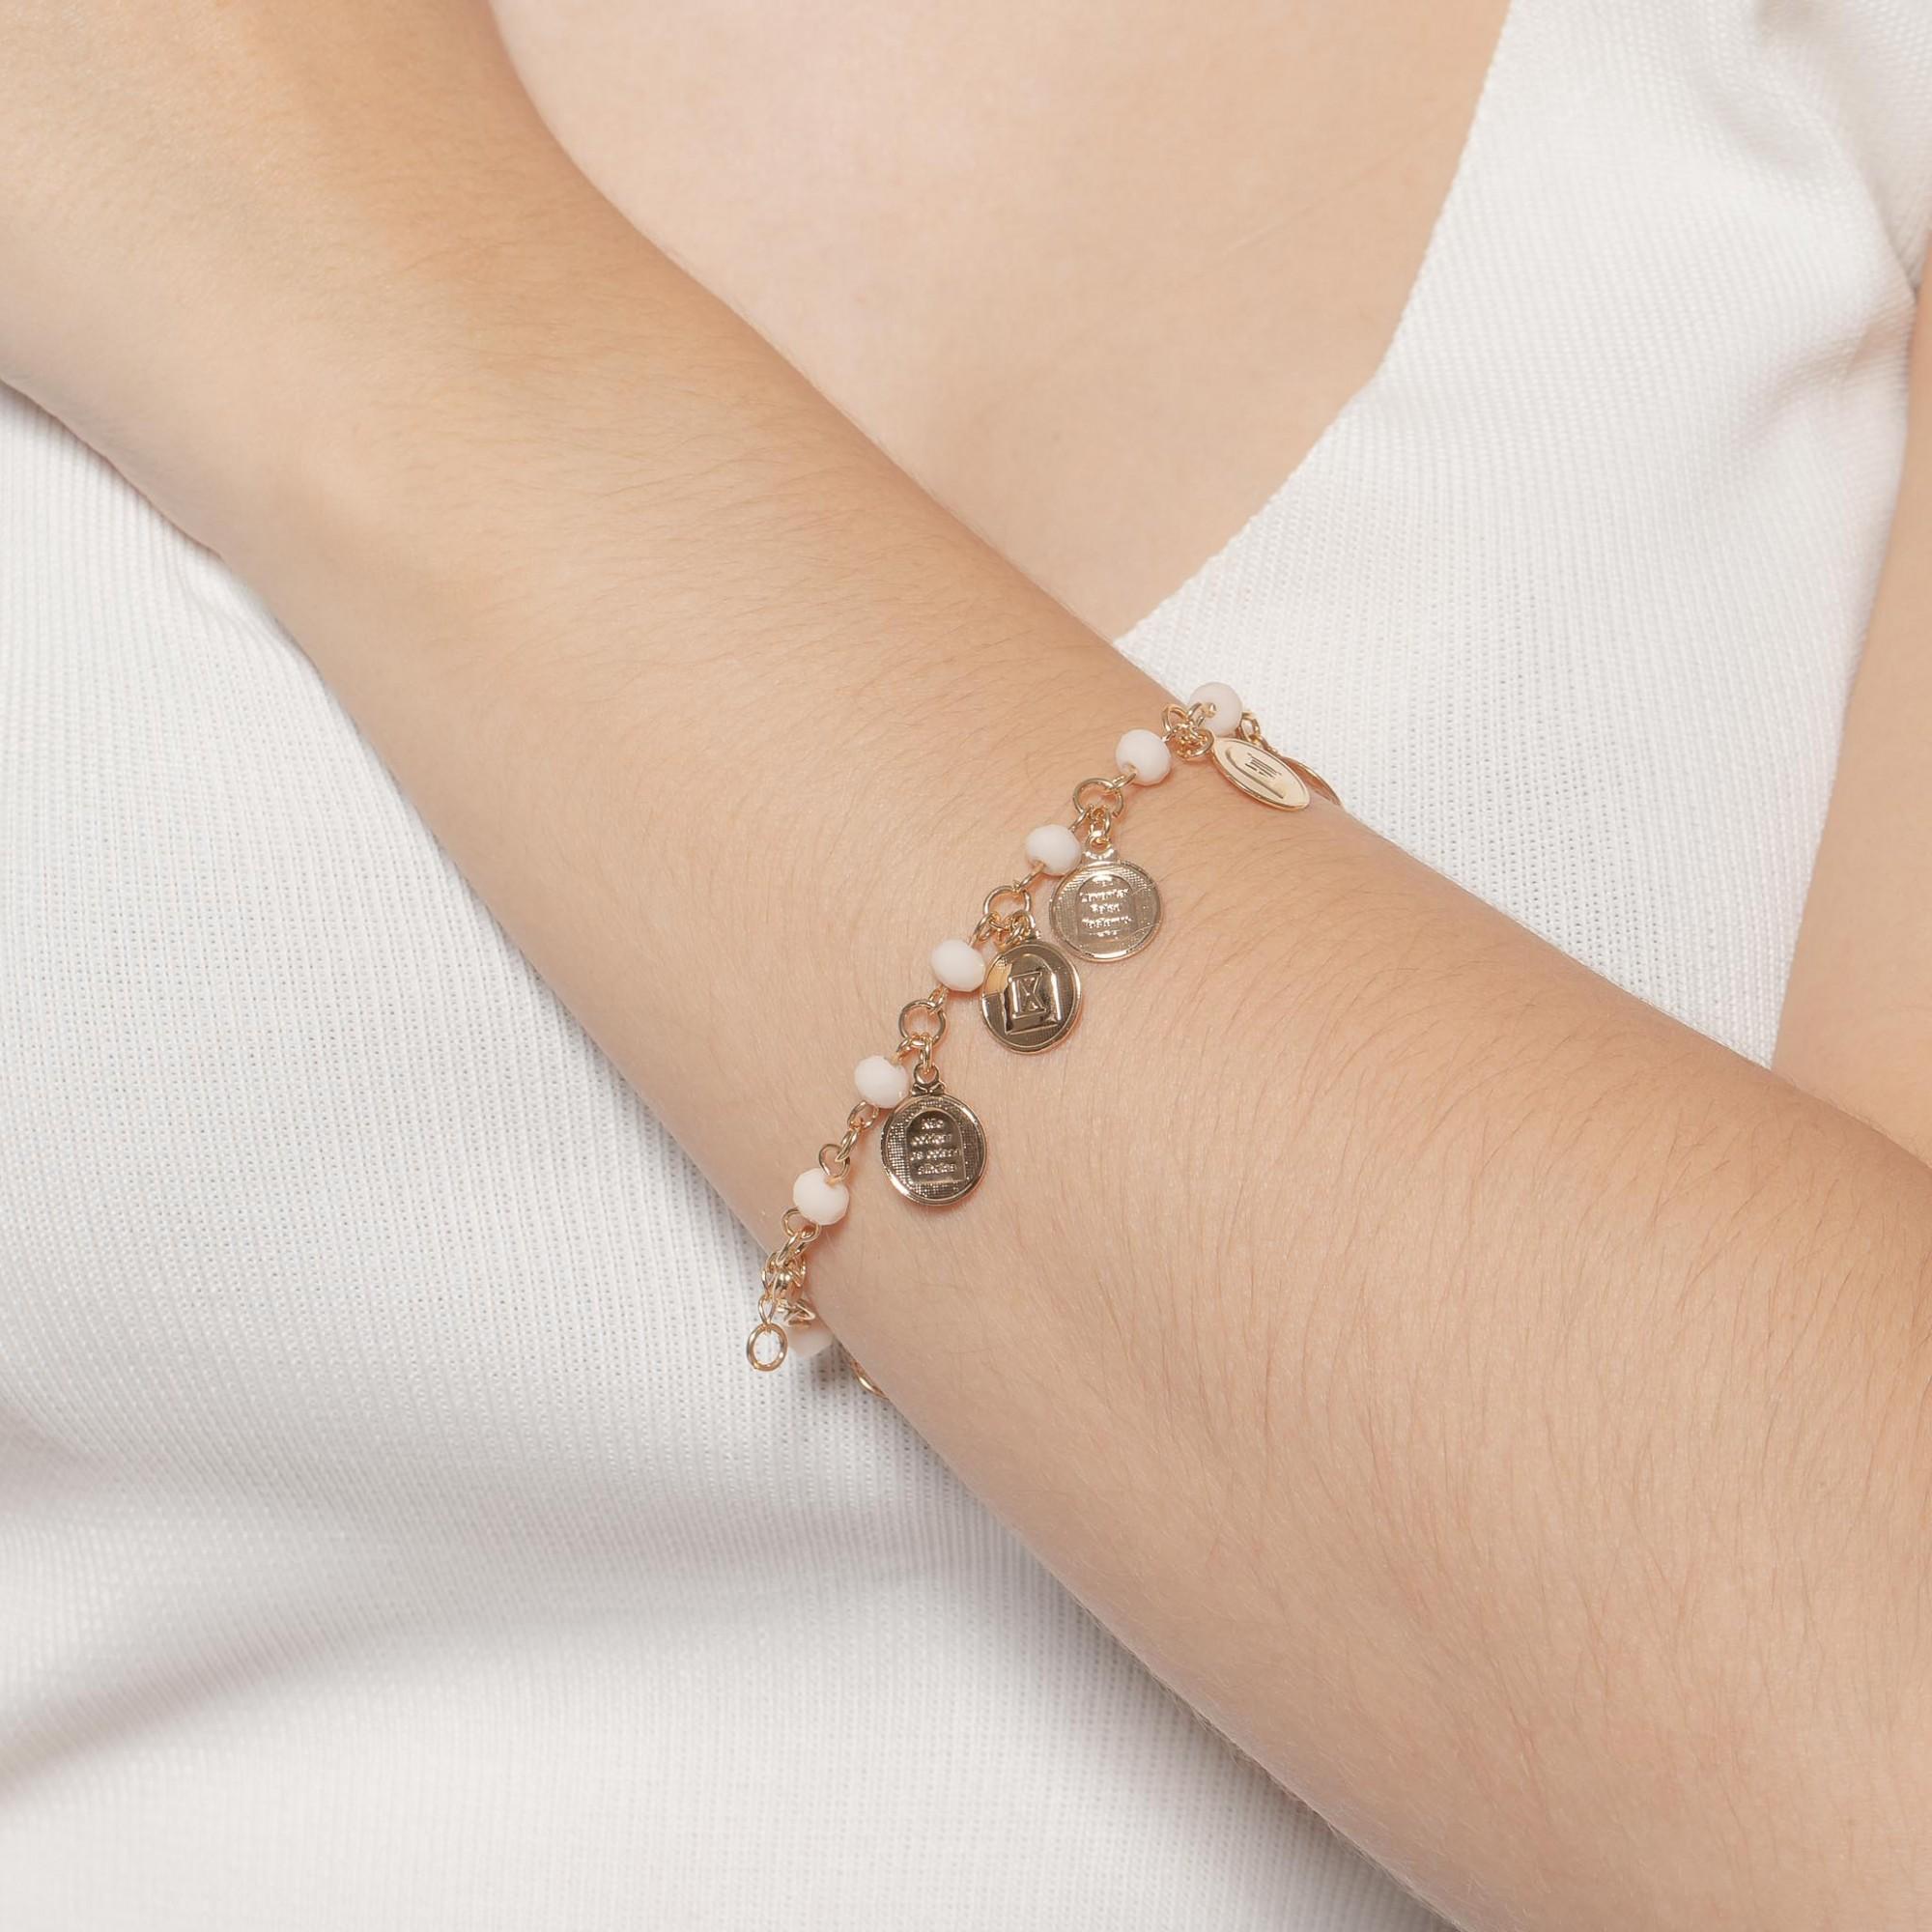 Pulseira dez mandamentos com cristais banhada a ouro 18k.  - romabrazil.com.br